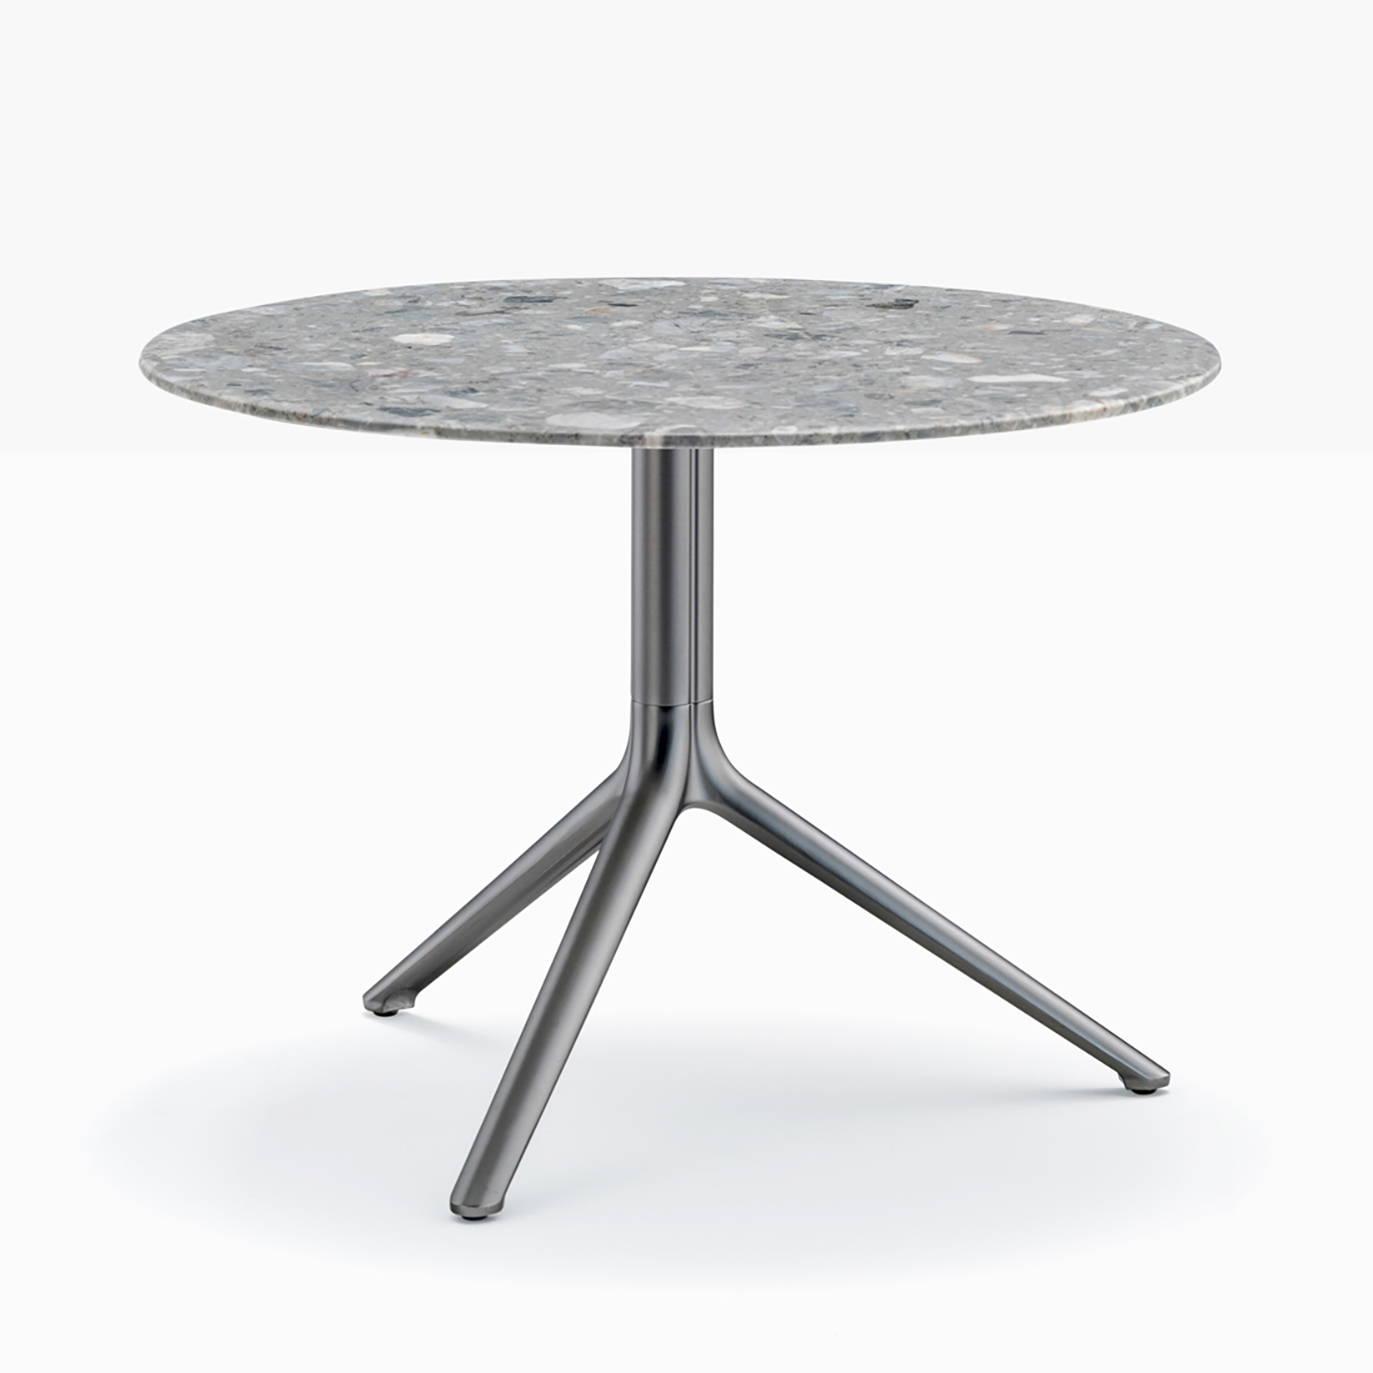 Elliot coffee table